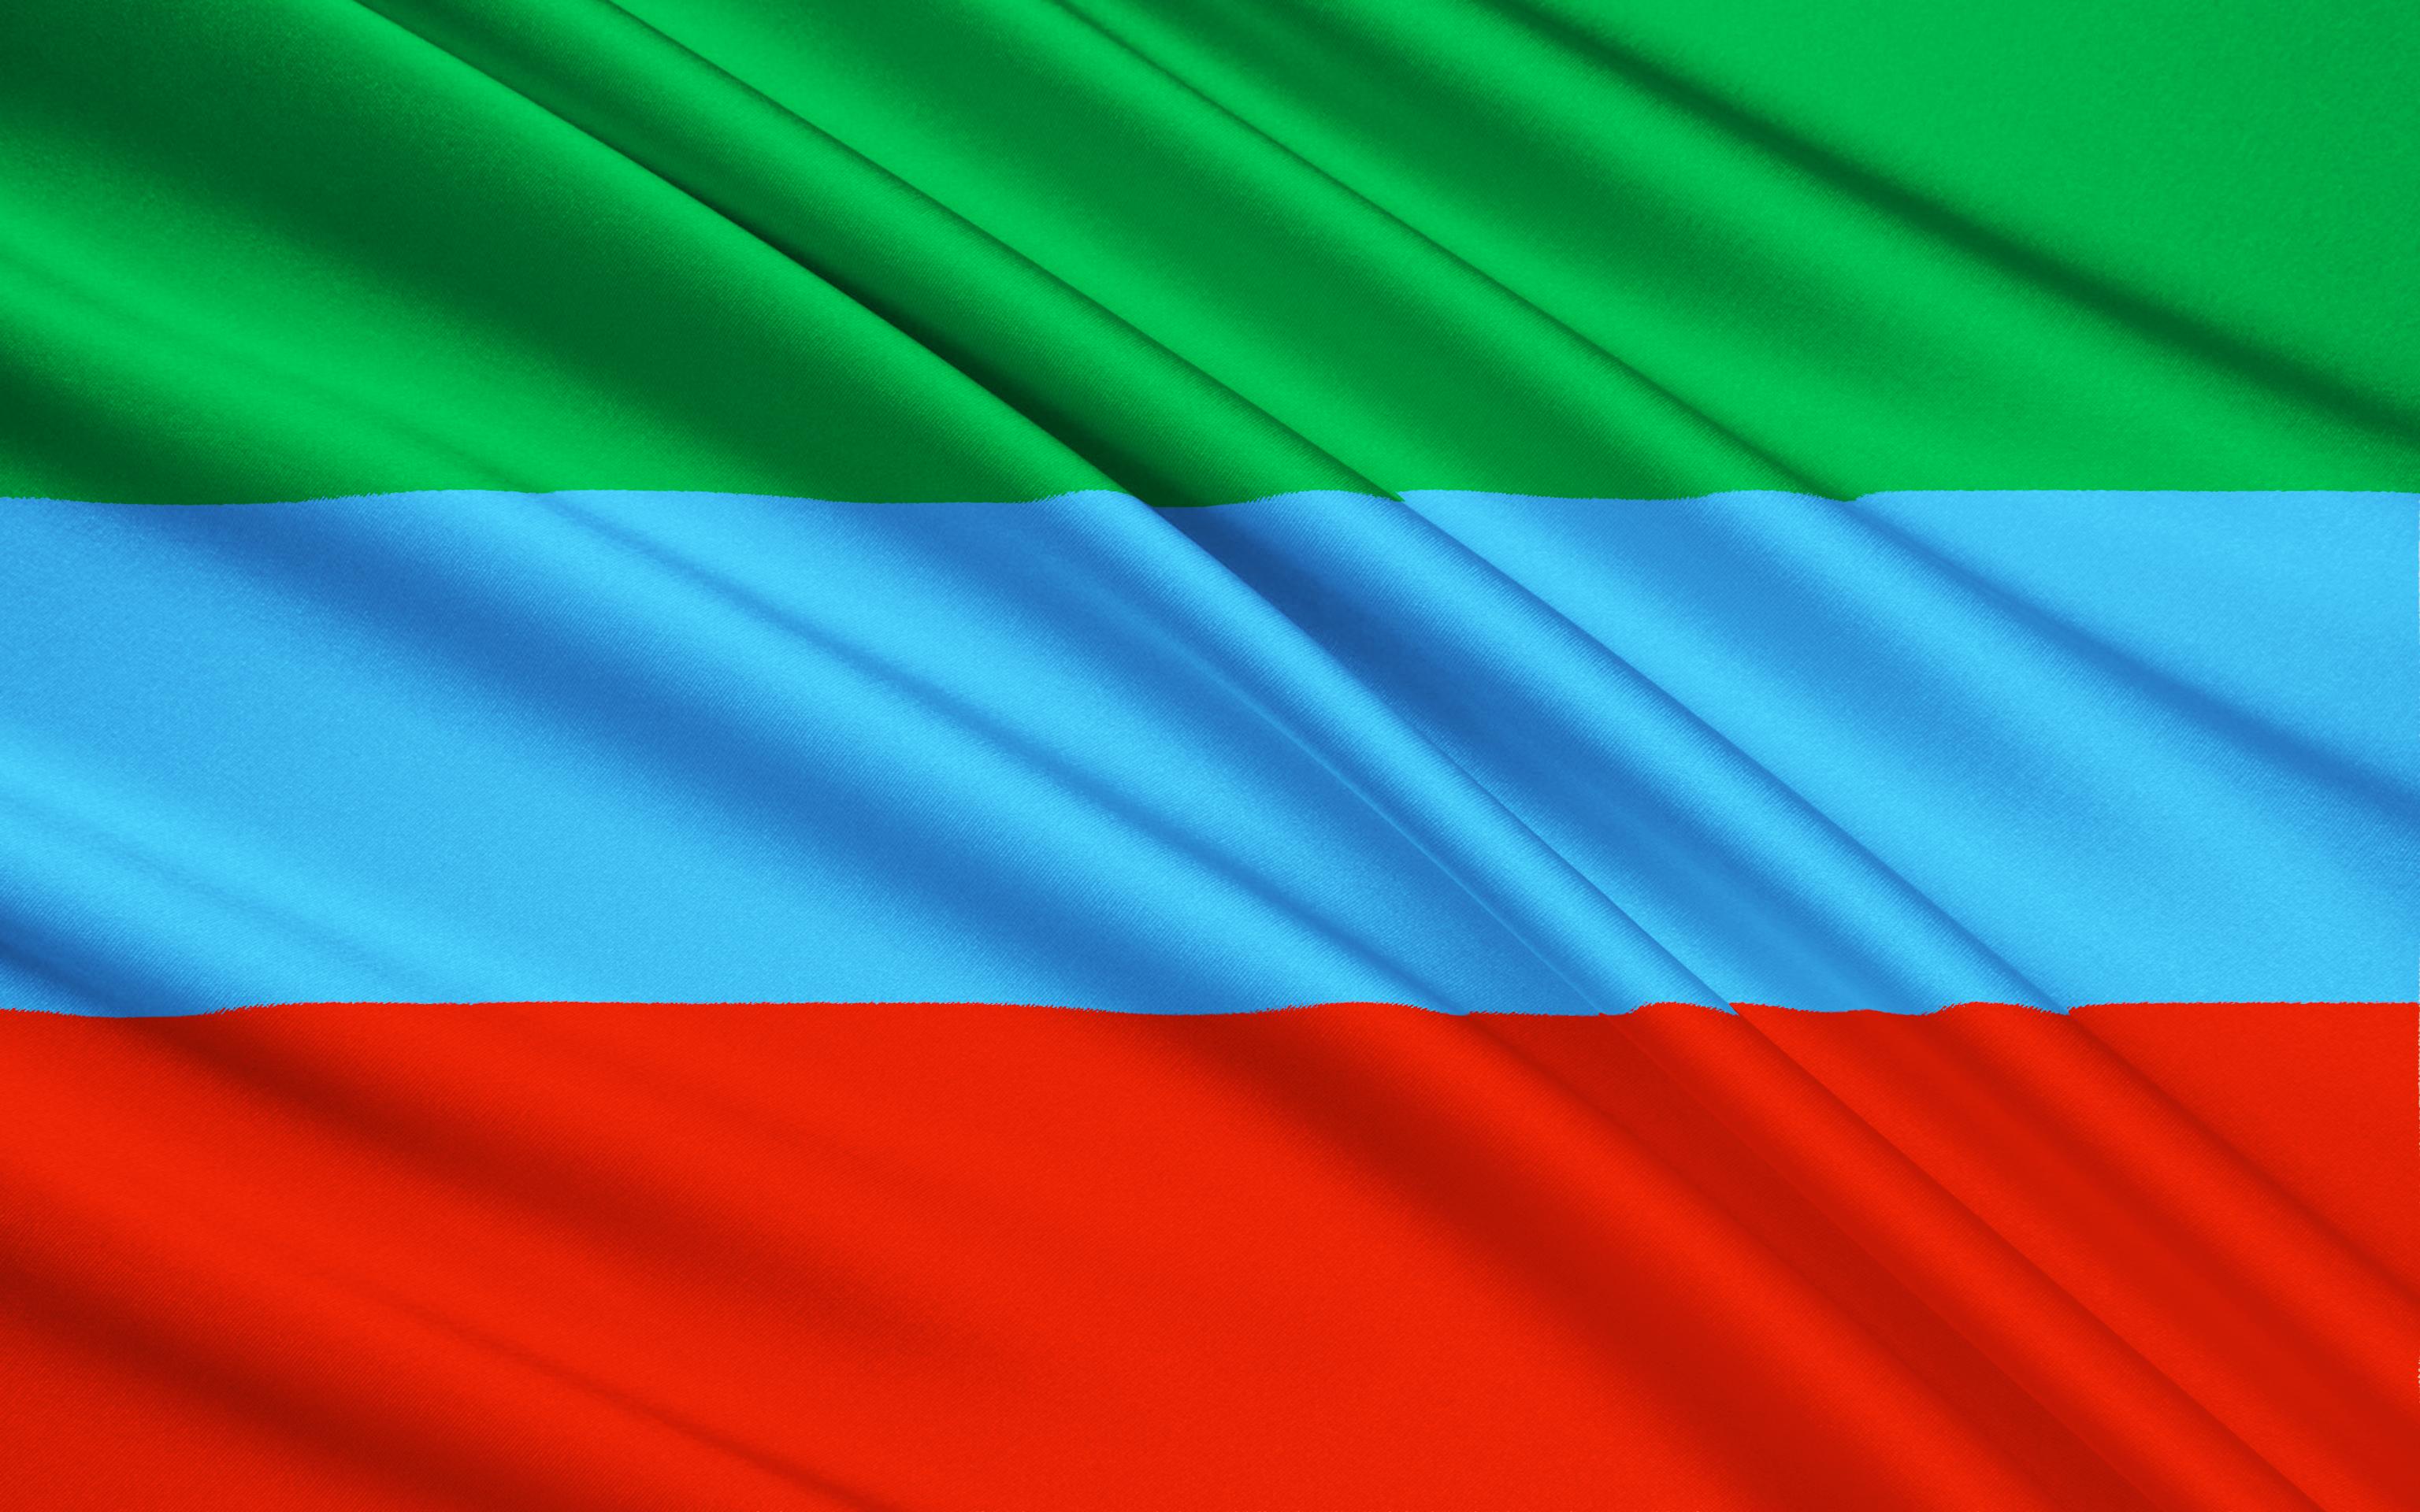 Врио главы Дагестана: резких изменений во властных структурах региона не планируется